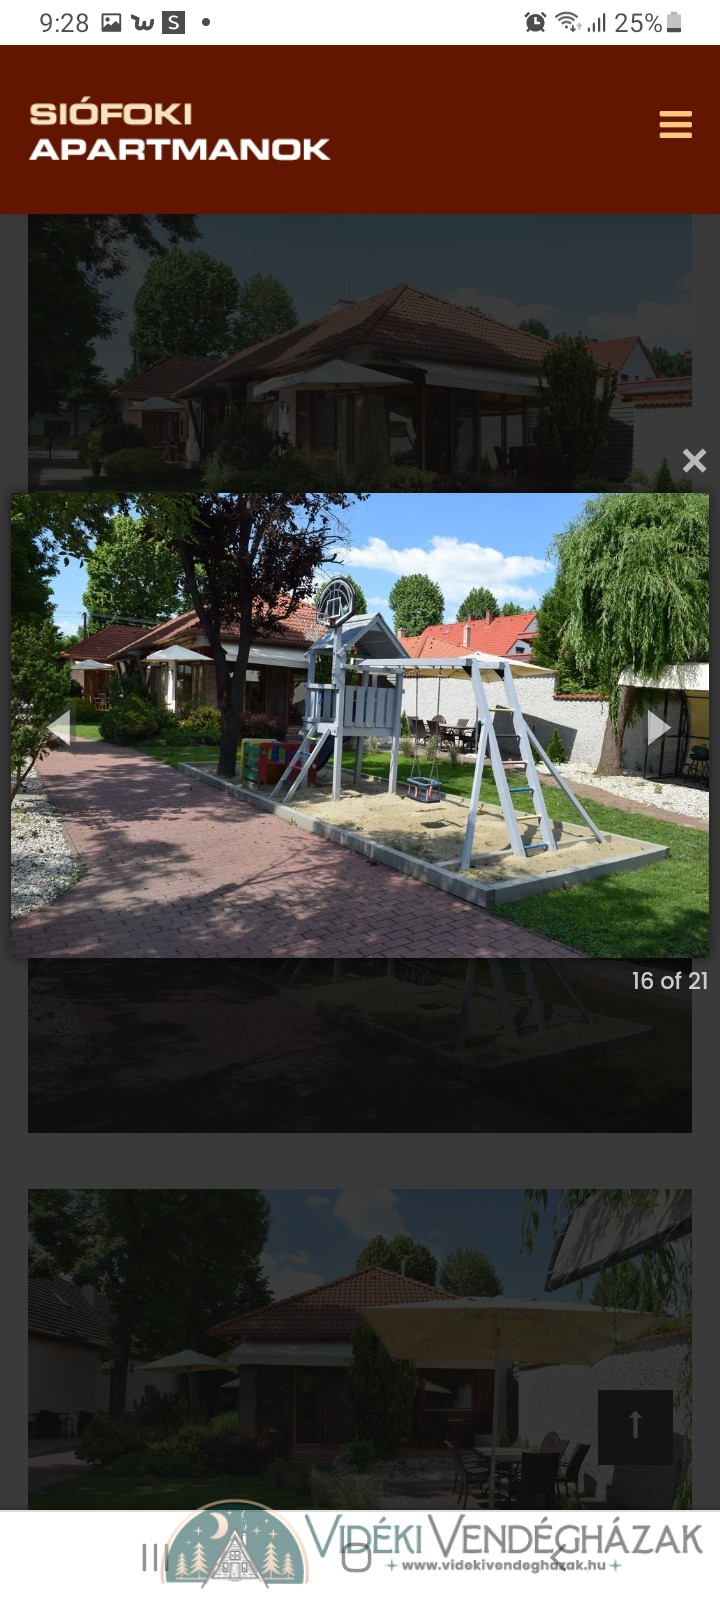 Screenshot_20210529-092839_Chrome-2.jpg